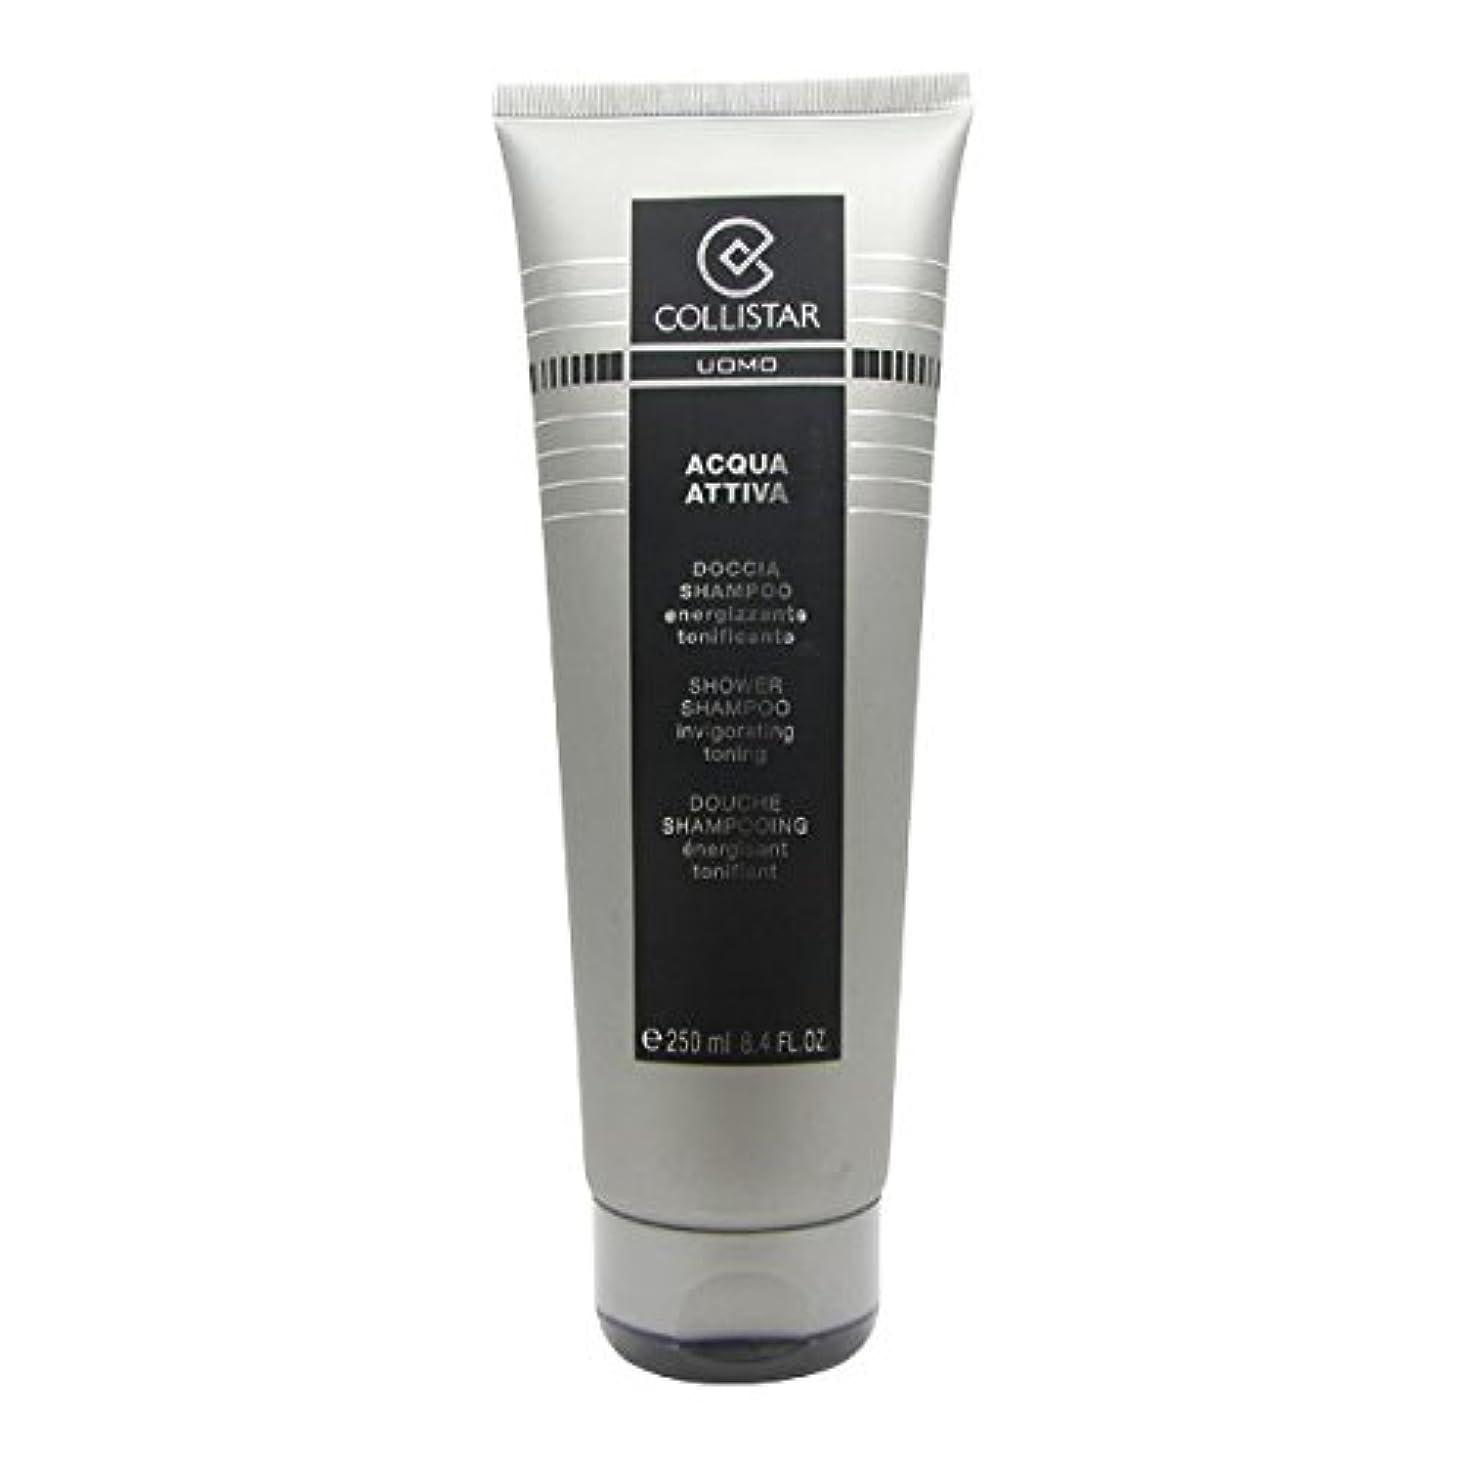 視聴者ストラトフォードオンエイボン専門用語Collistar Men Acqua Attiva Shower Shampoo 250ml [並行輸入品]